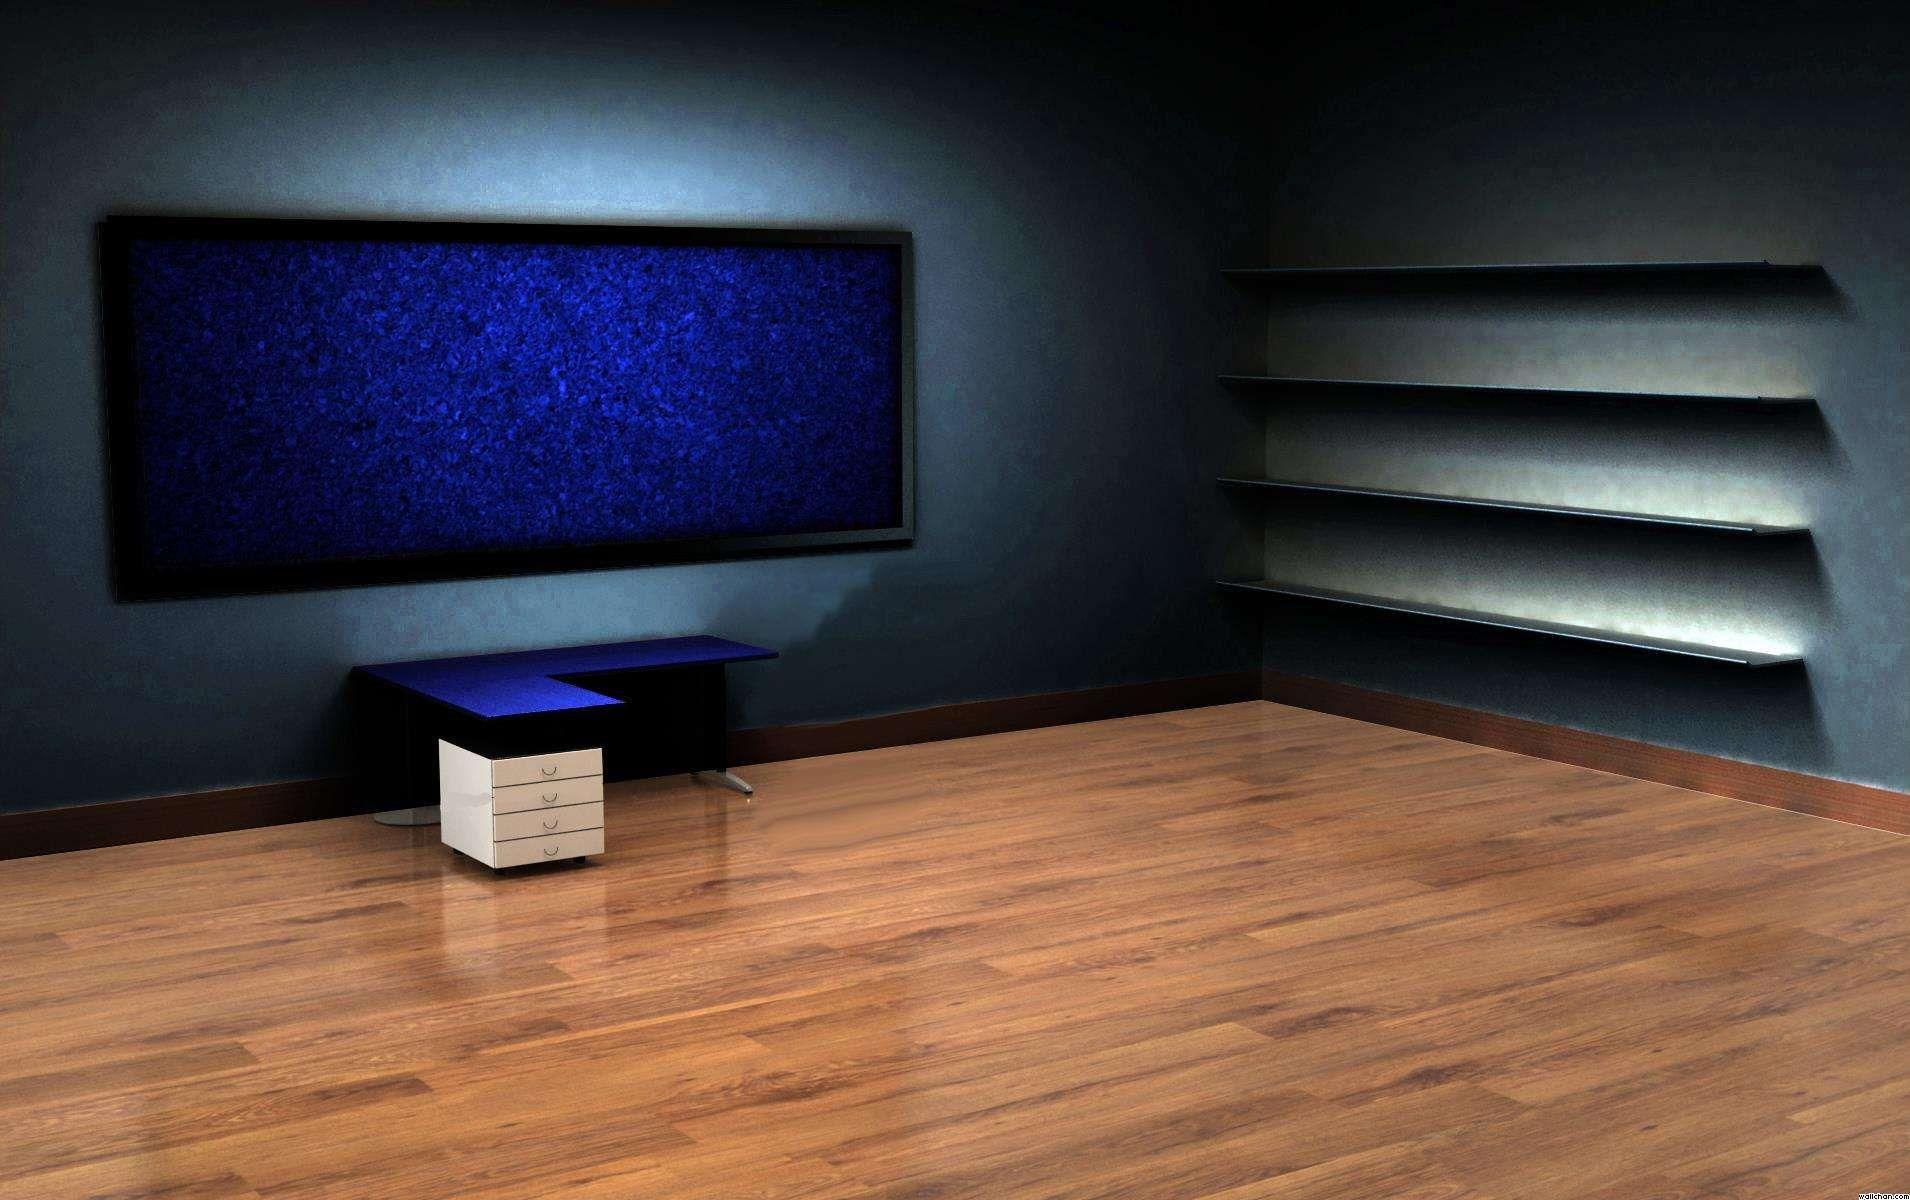 office wallpapers hd. Hd Wallpaper · Desktop Office Background - Http://hdwallpaper.info/desktop- Office- Wallpapers O